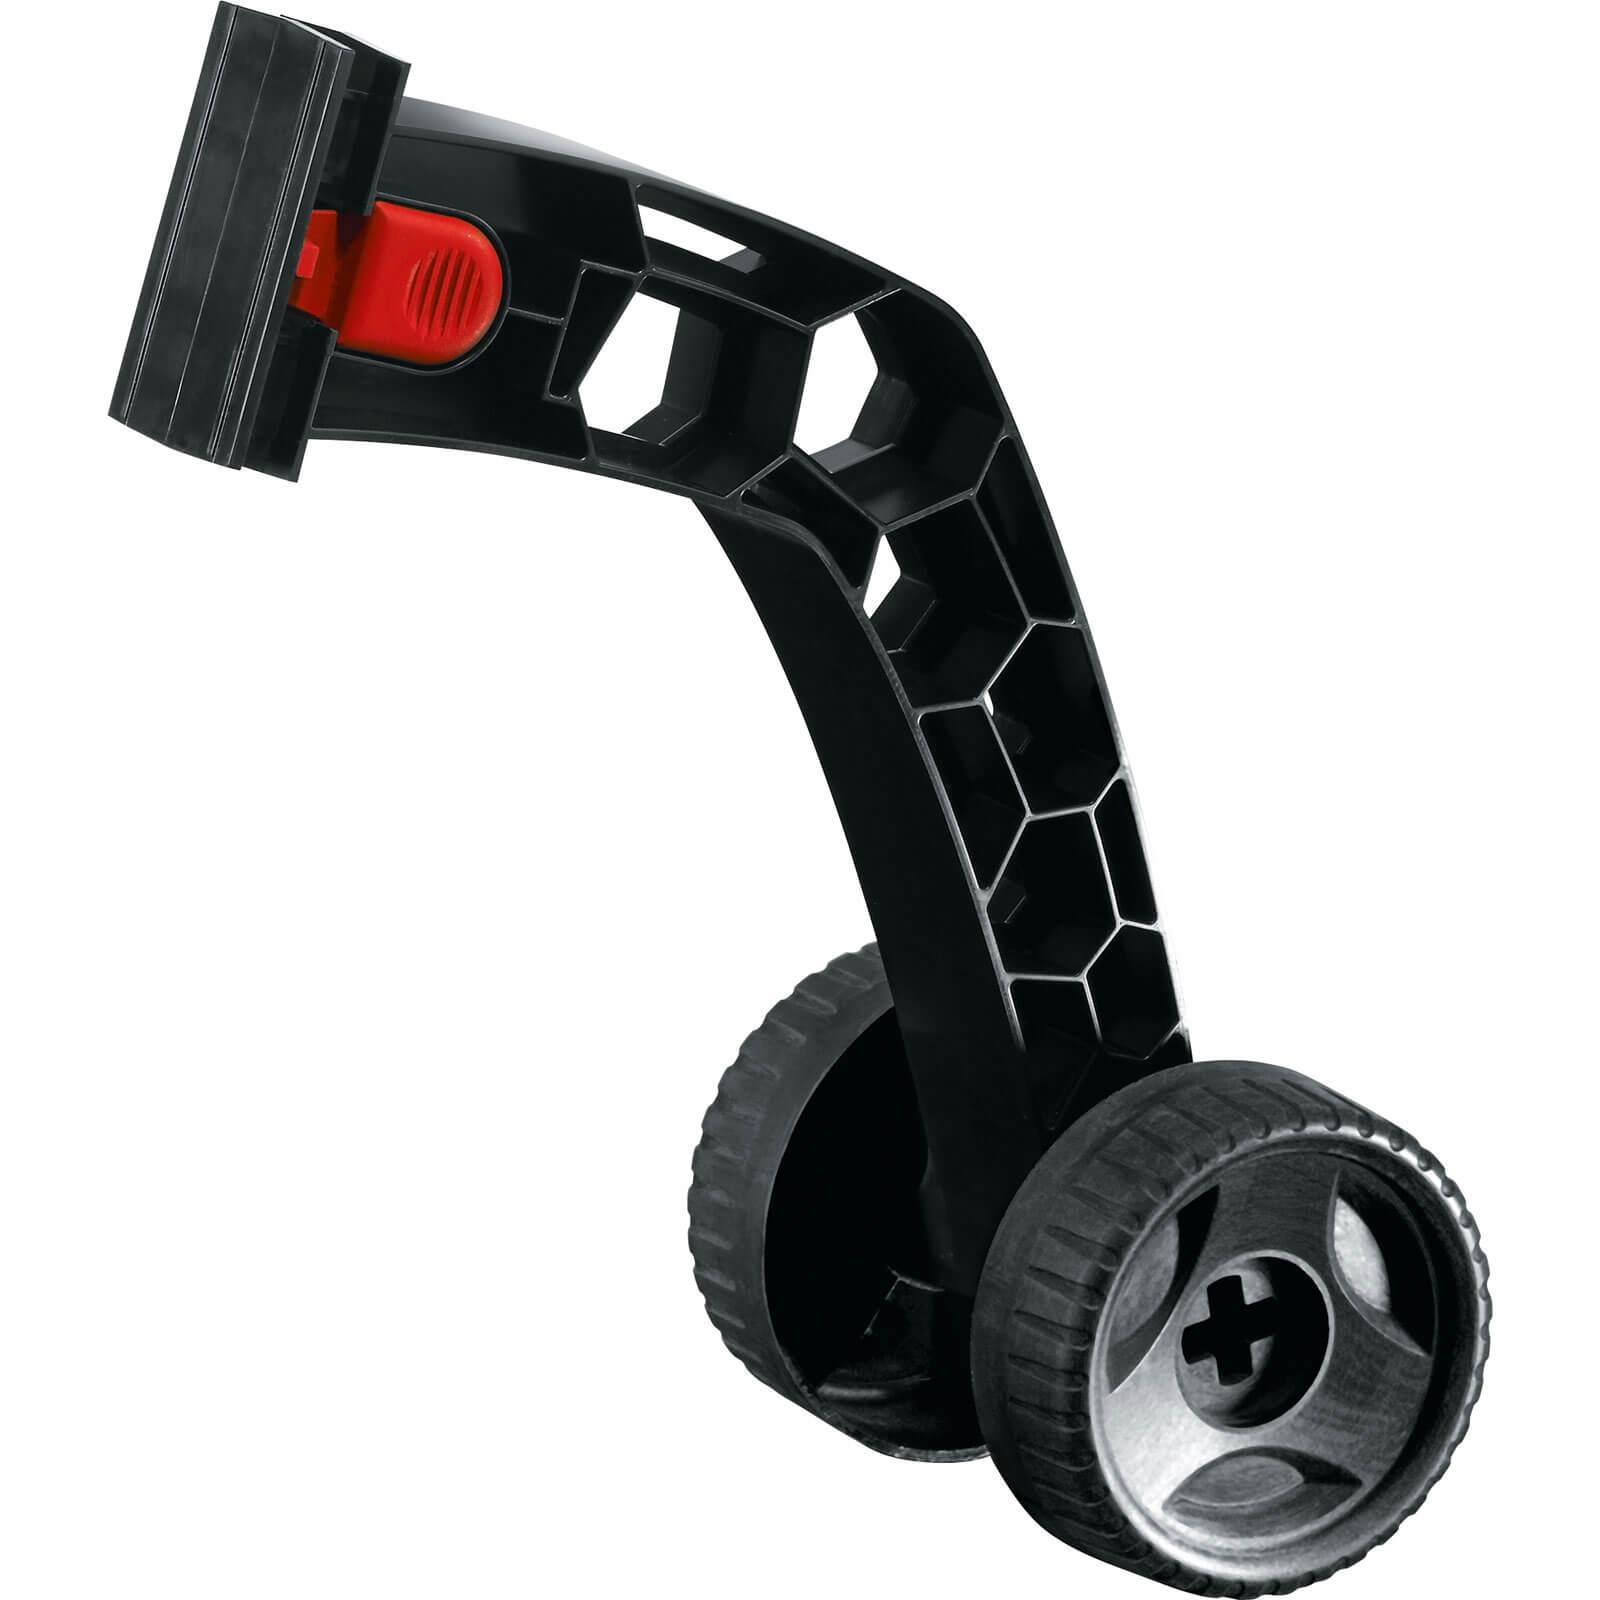 BOSCH Black Cutting-Disc Set To Fit: Bosch ART 26-18 Li Cordless Trimmer ONLY